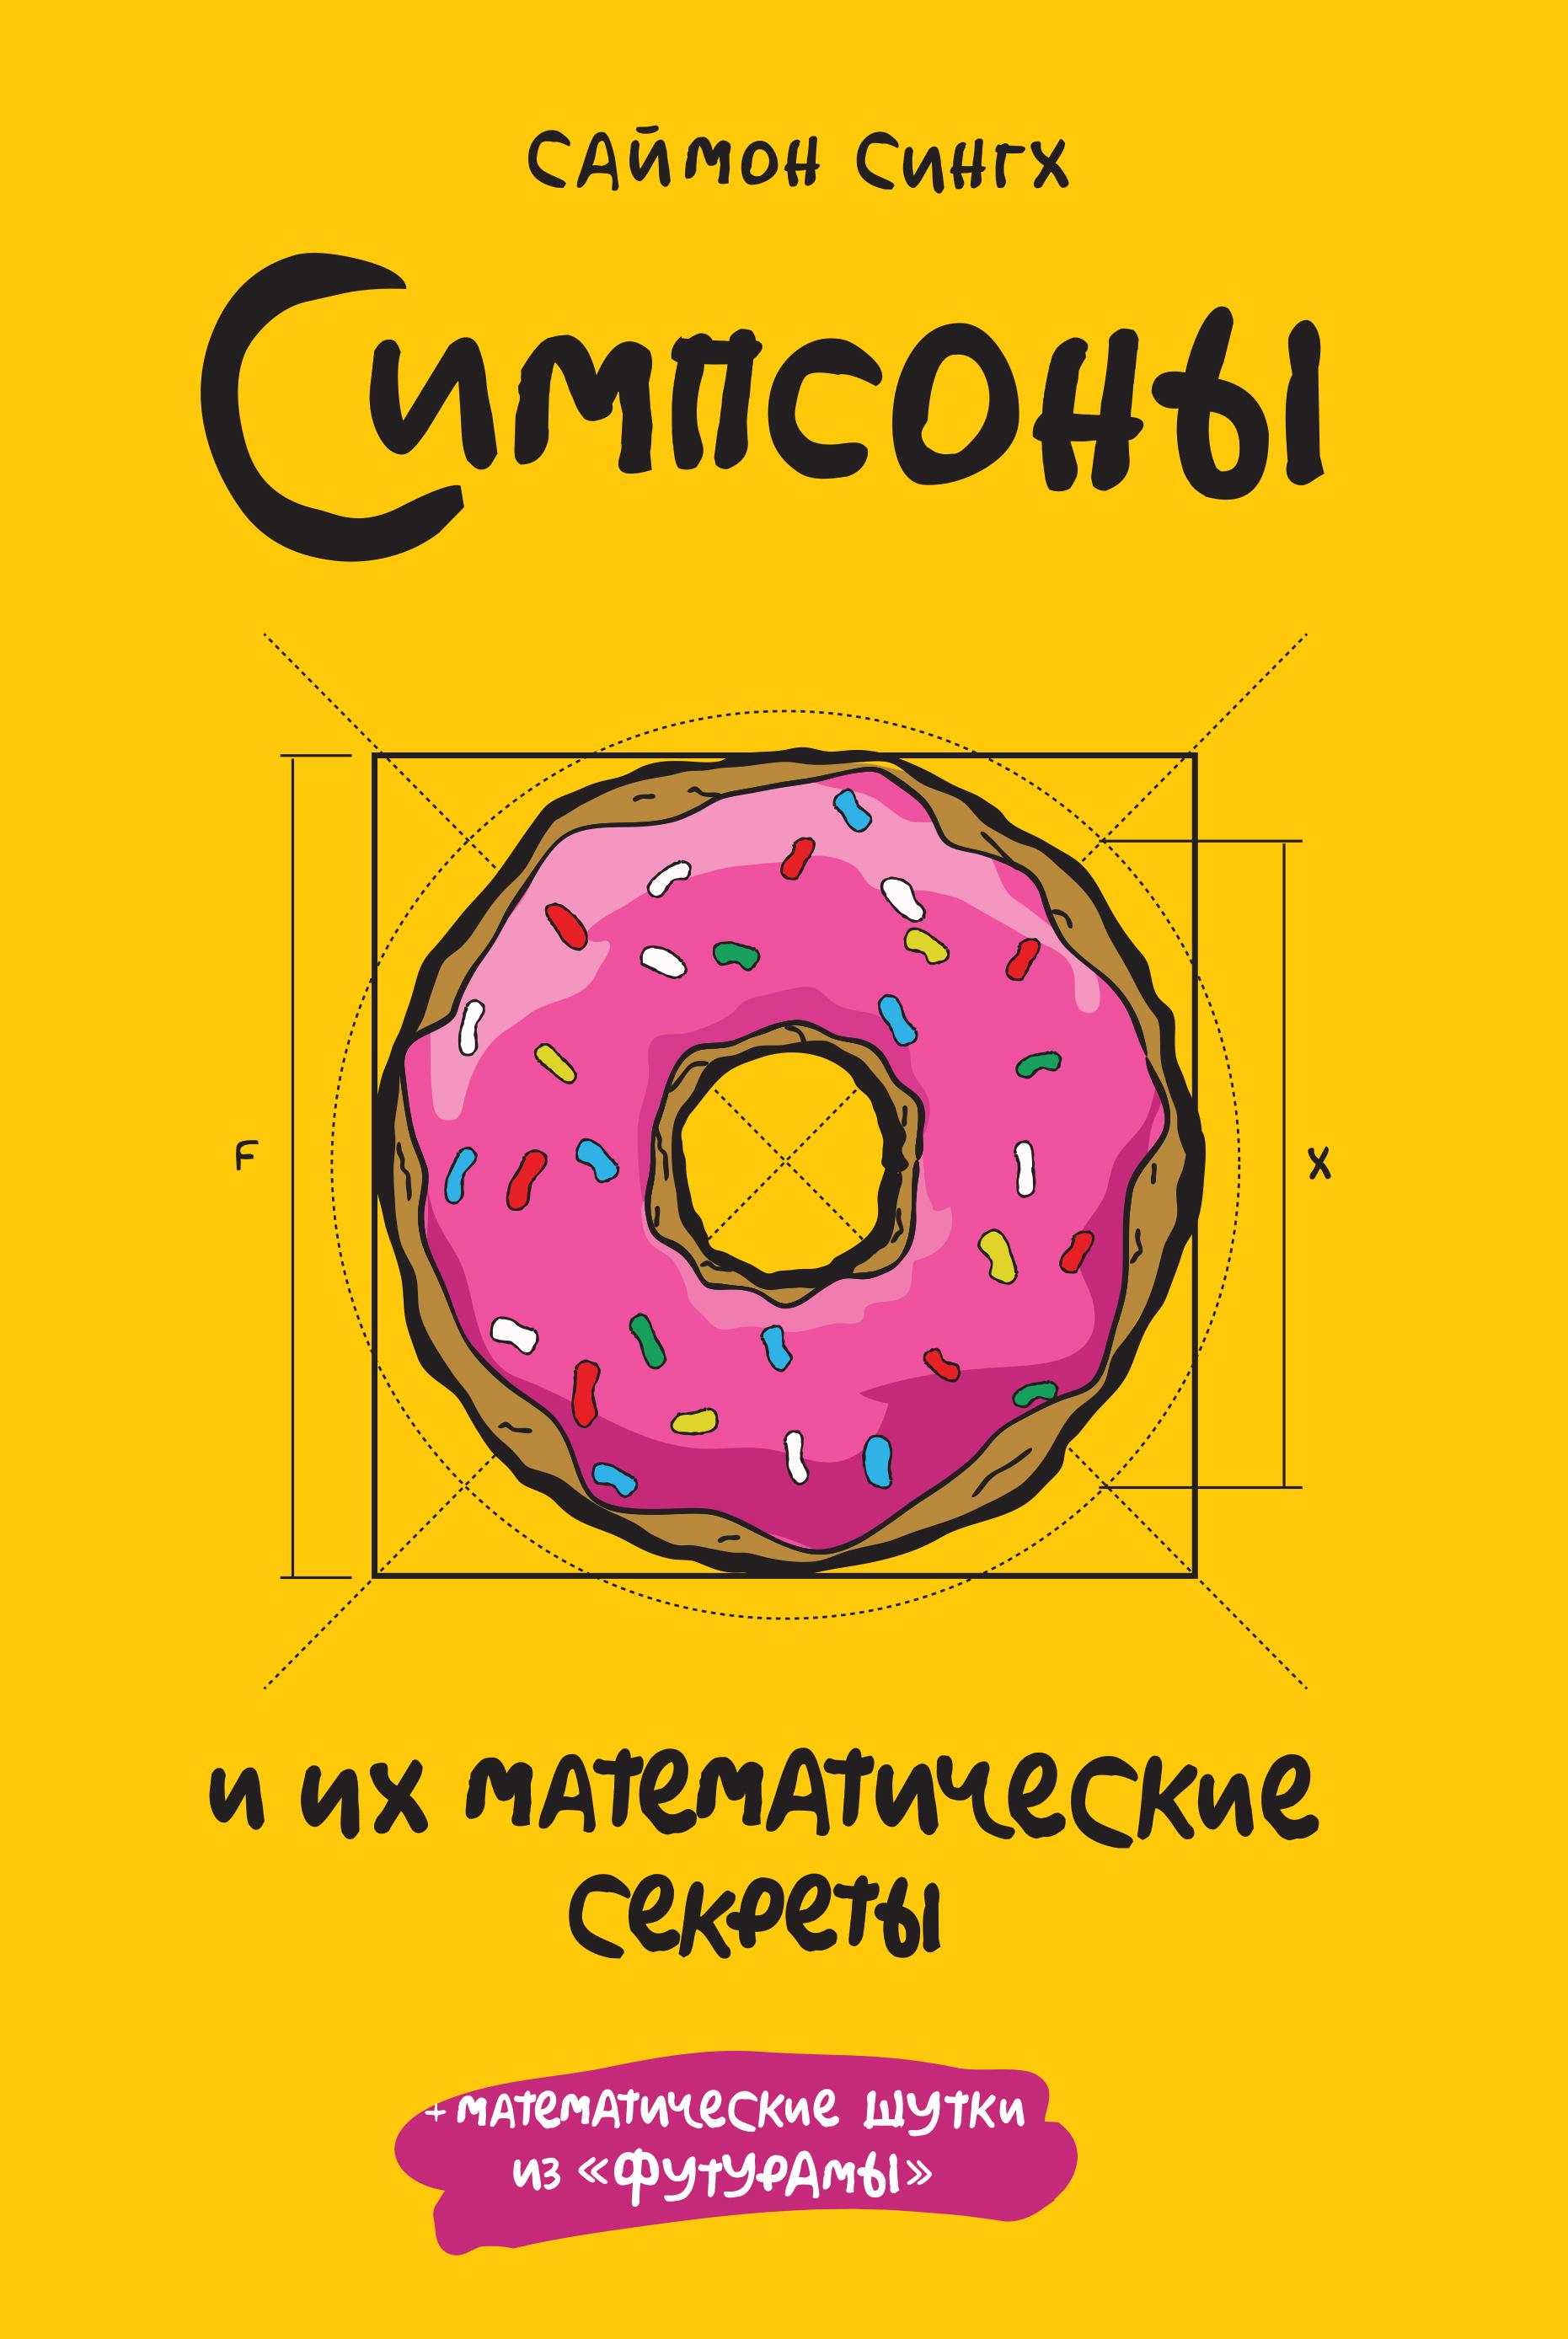 Сингх С. Симпсоны и их математические секреты саймон сингх симпсоны и их математические секреты